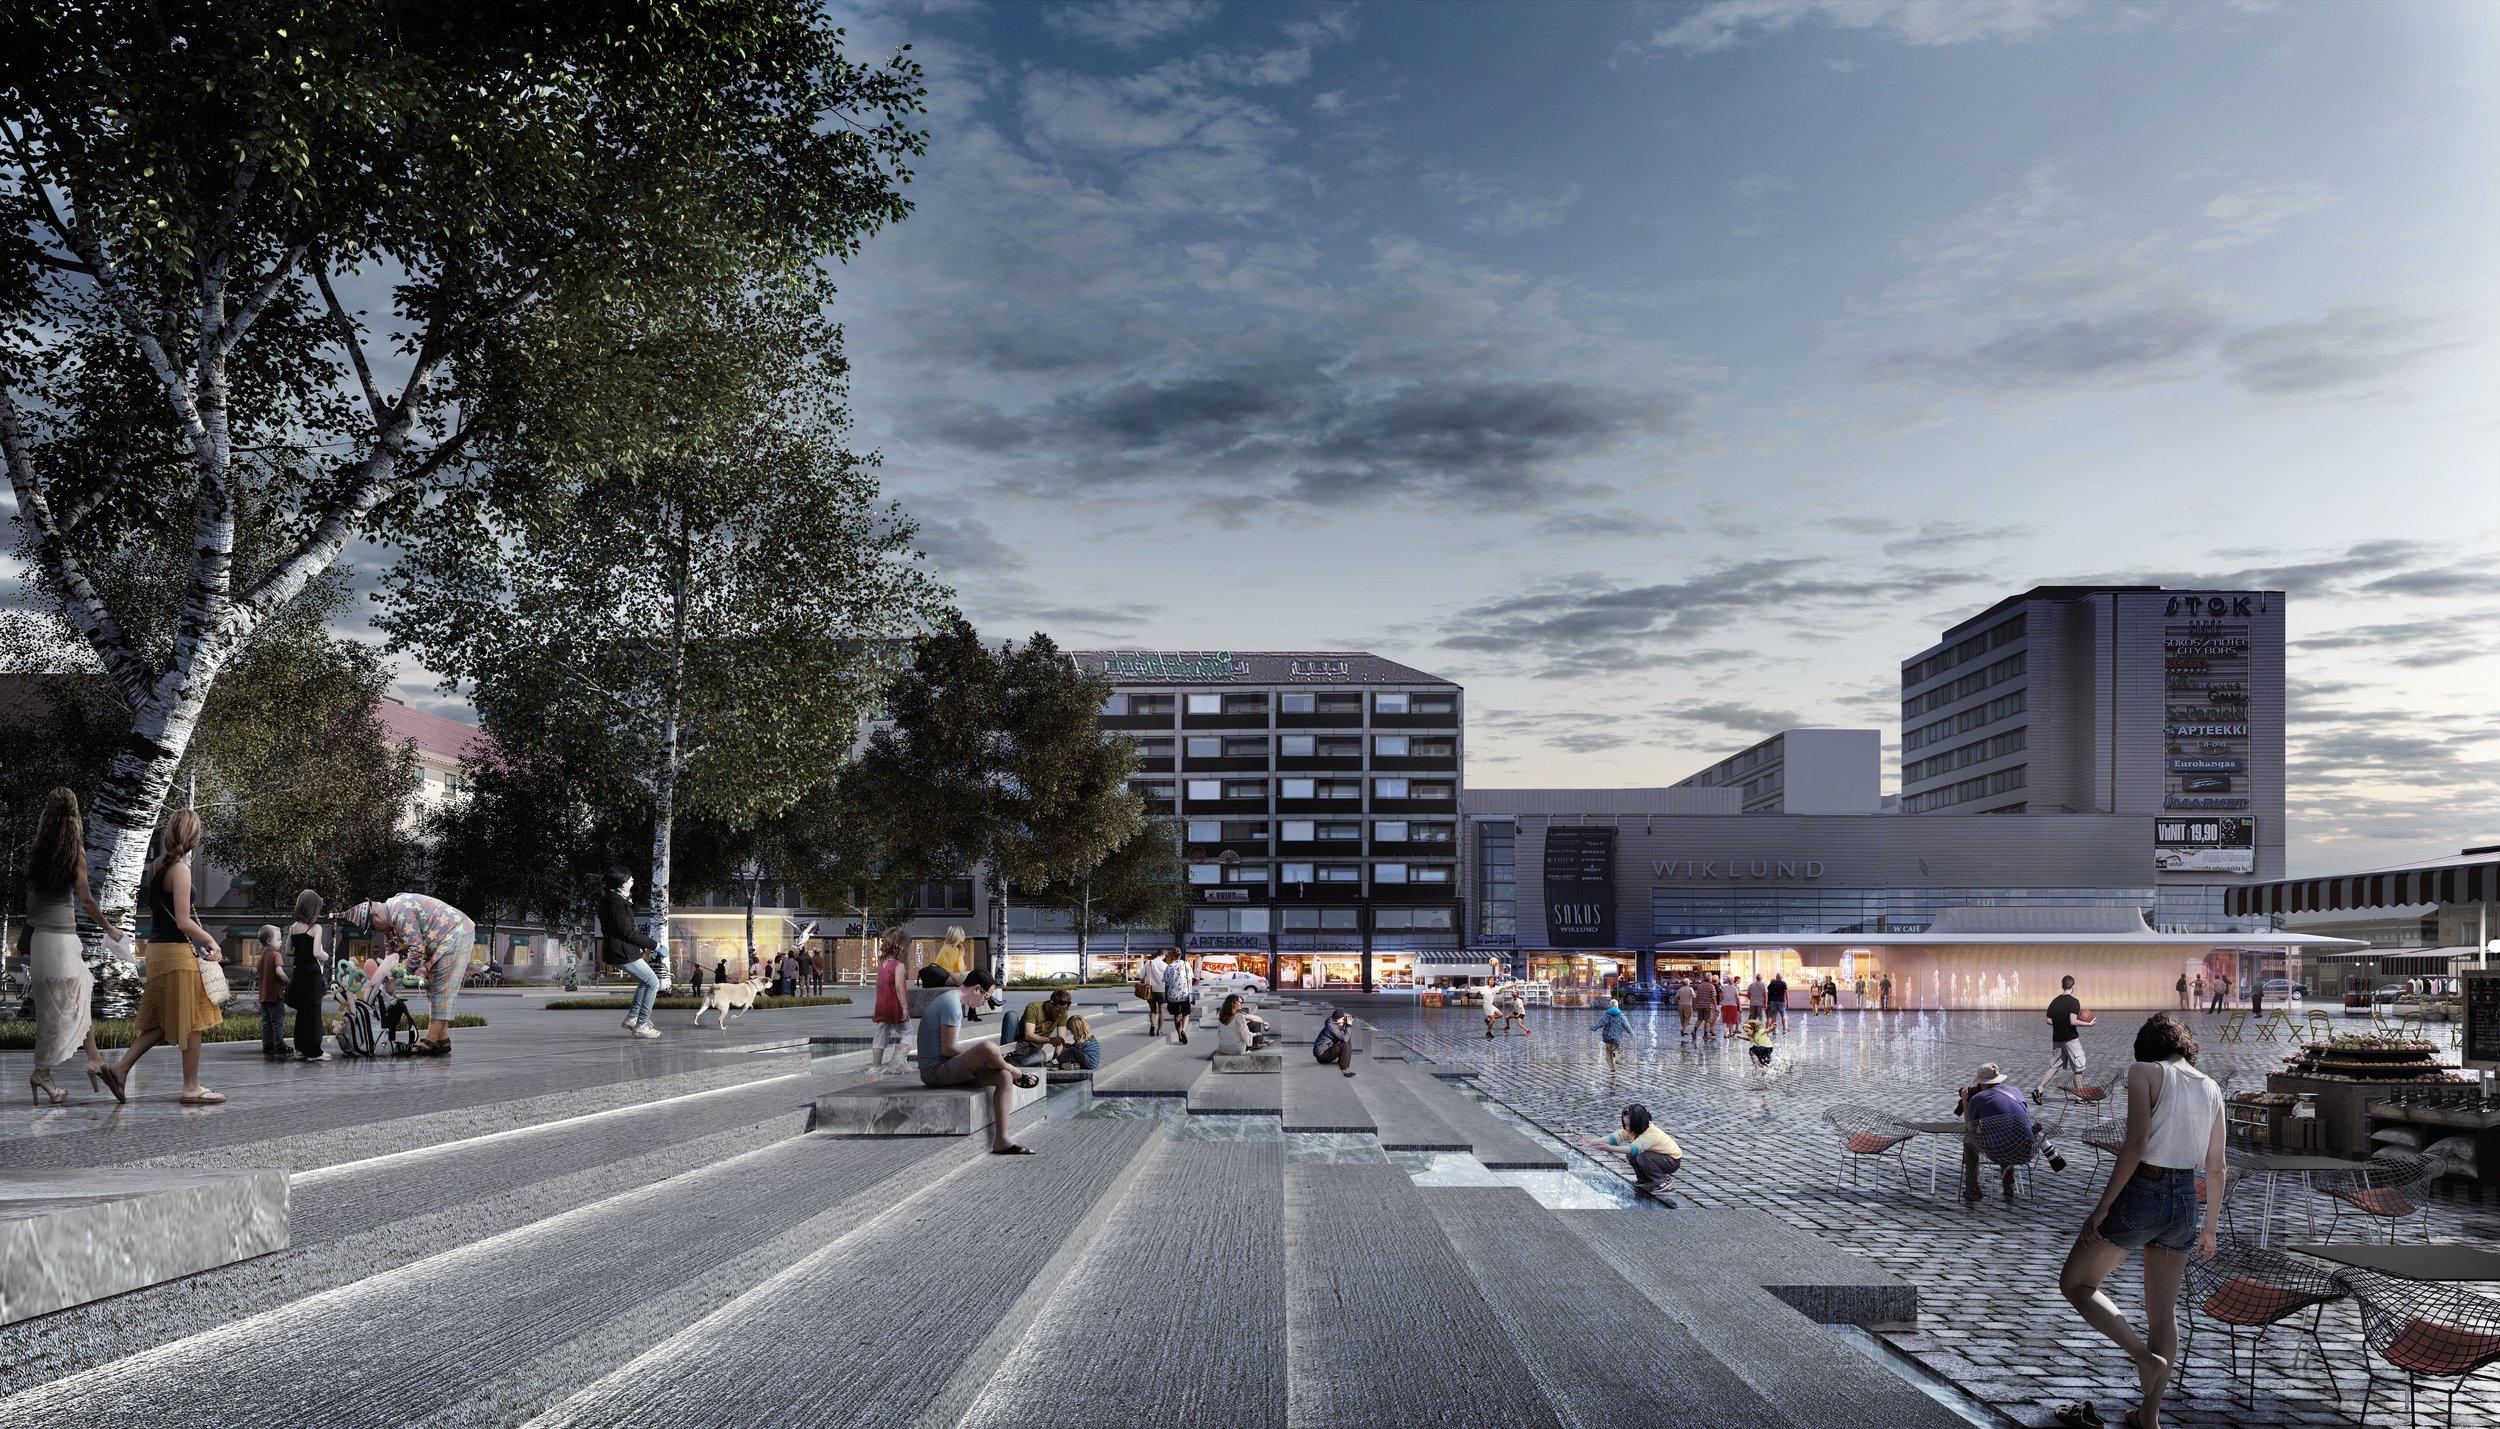 Turku market square in the future